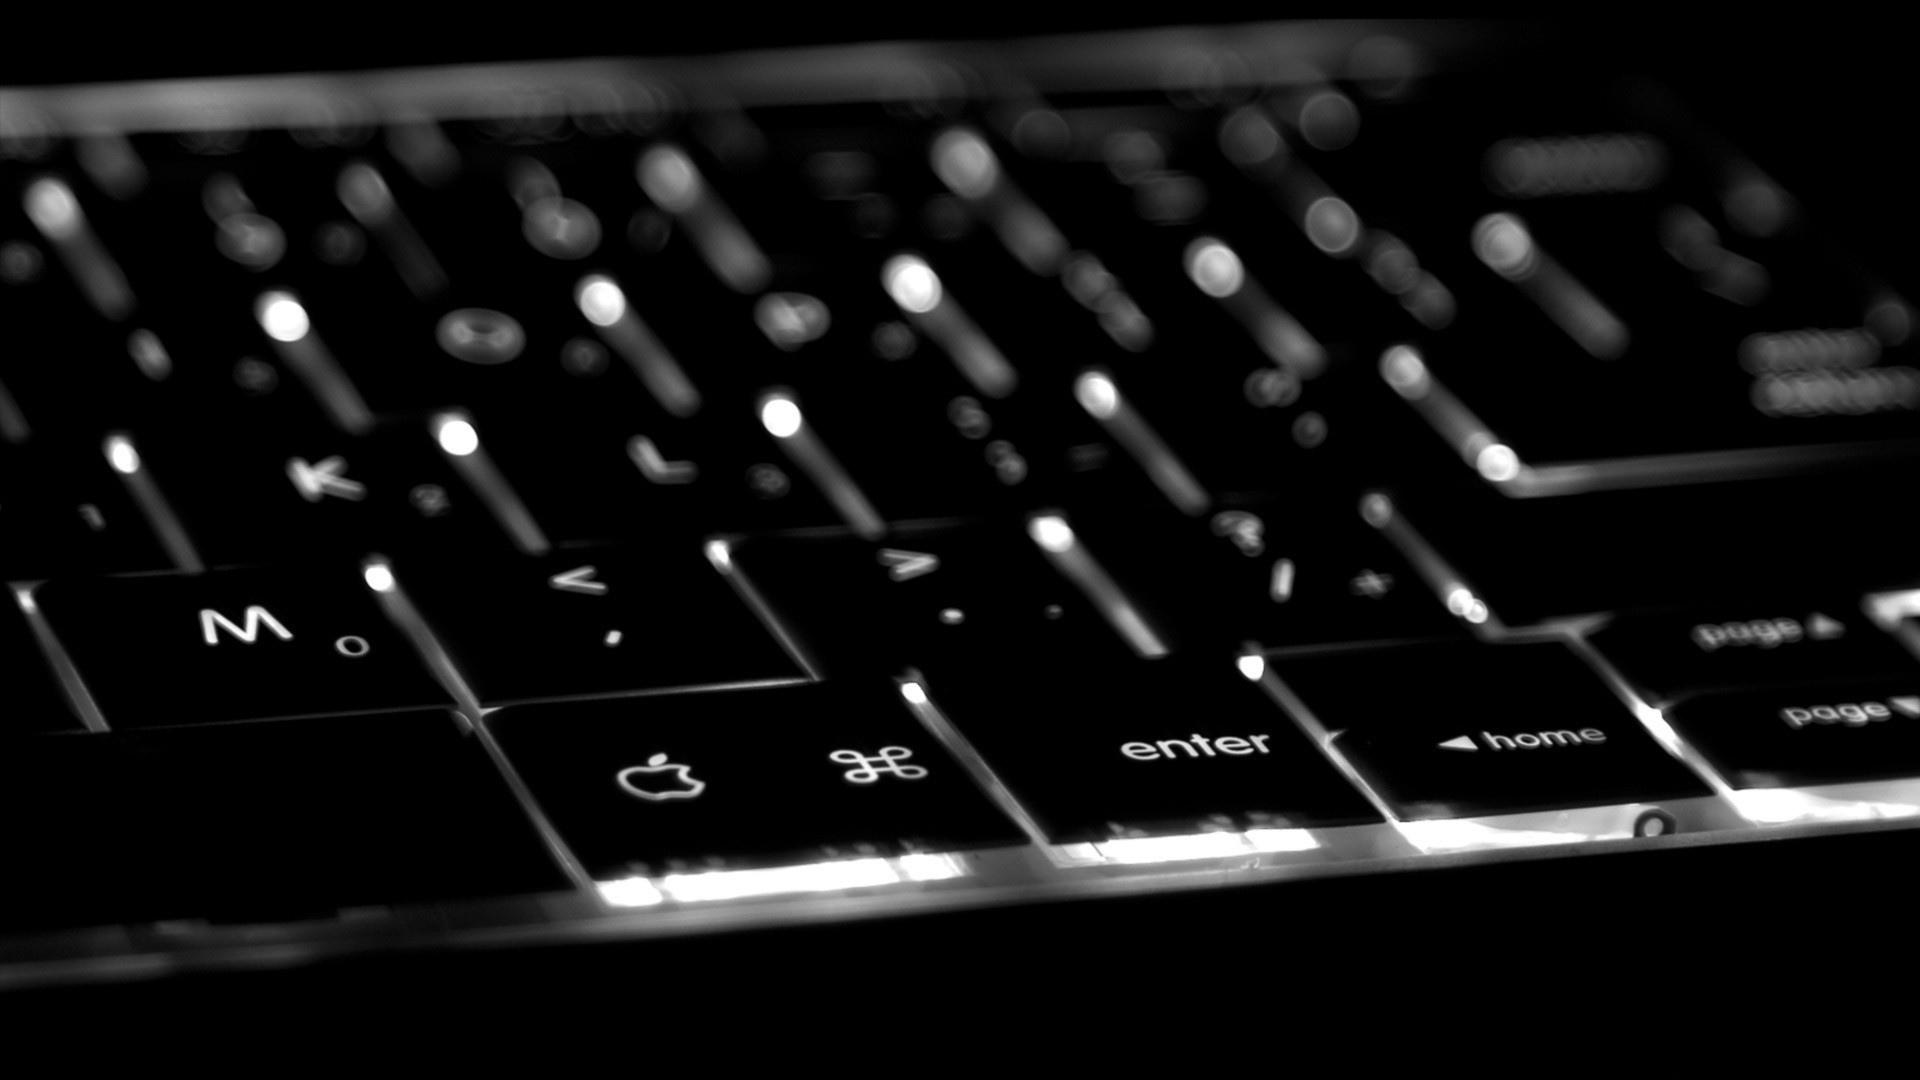 keyboard desktop wallpaper 50583